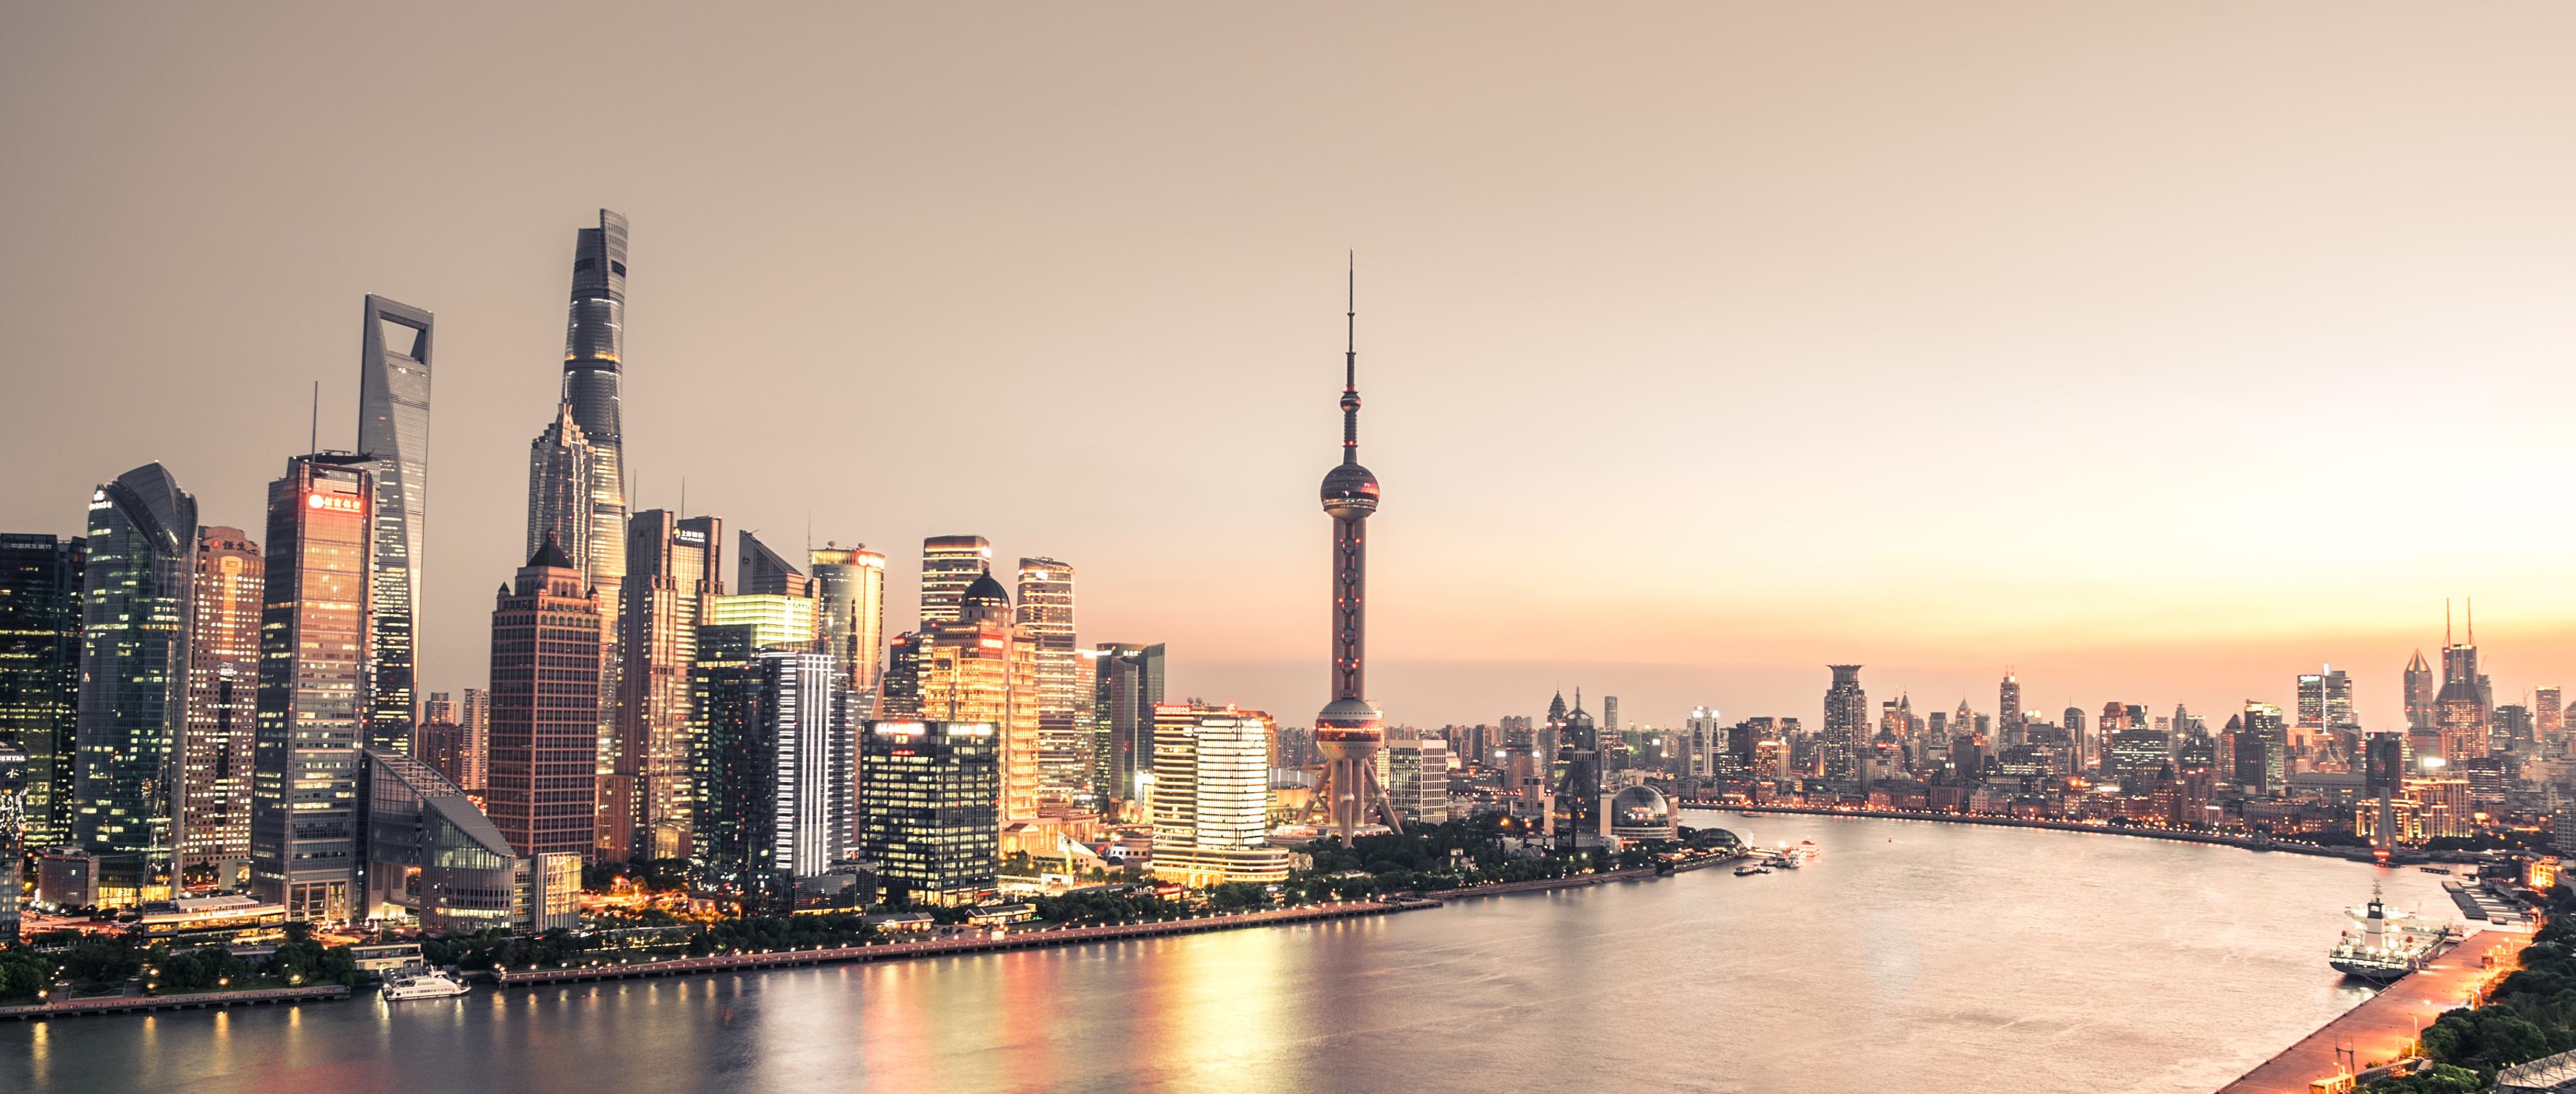 我在魔都,我爱上海-风光-摄影-设计作品-中国设计之窗